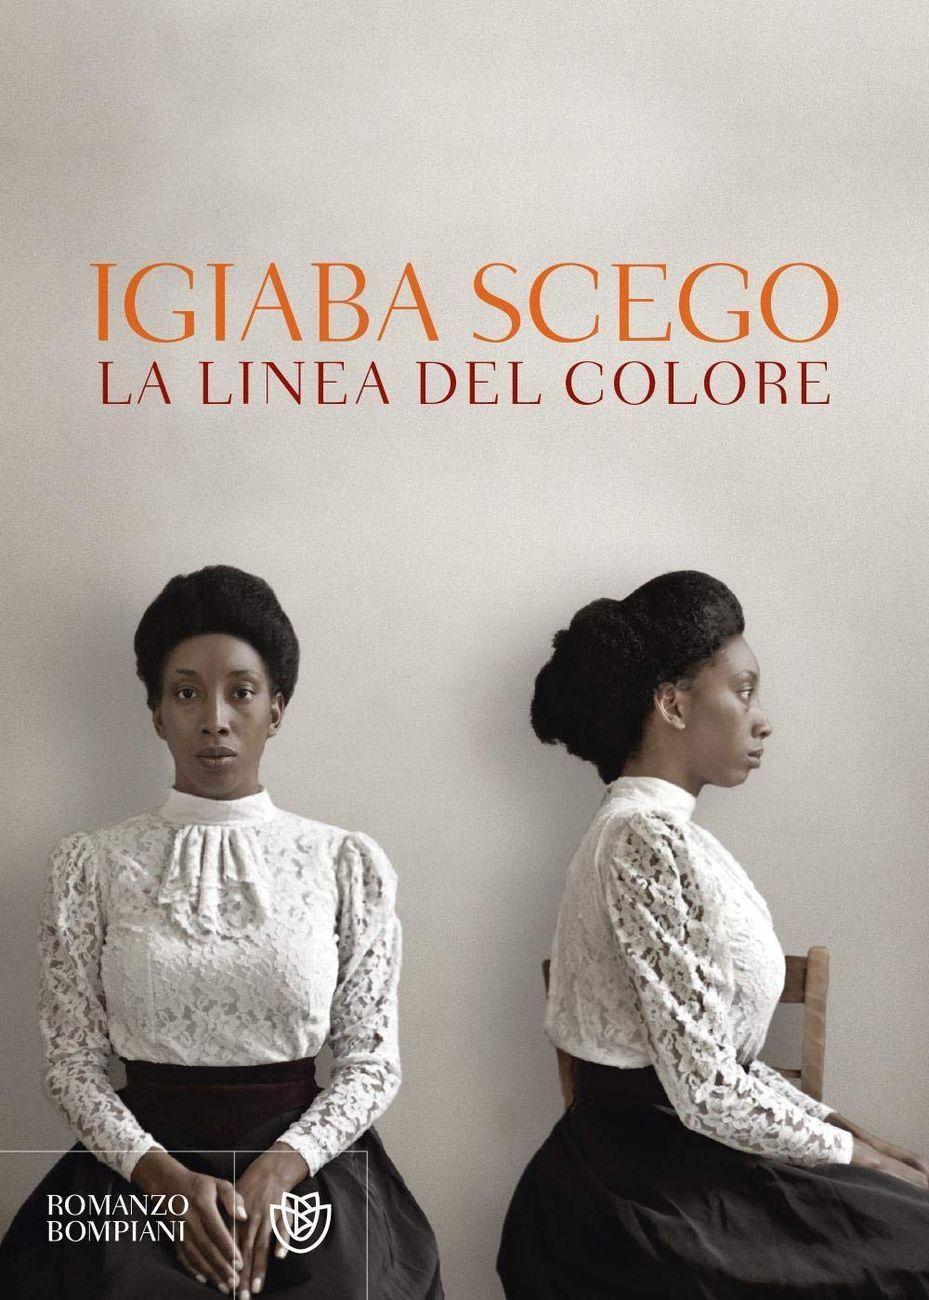 Igiaba Scego - La linea del colore (Bompiani, Milano 2020)